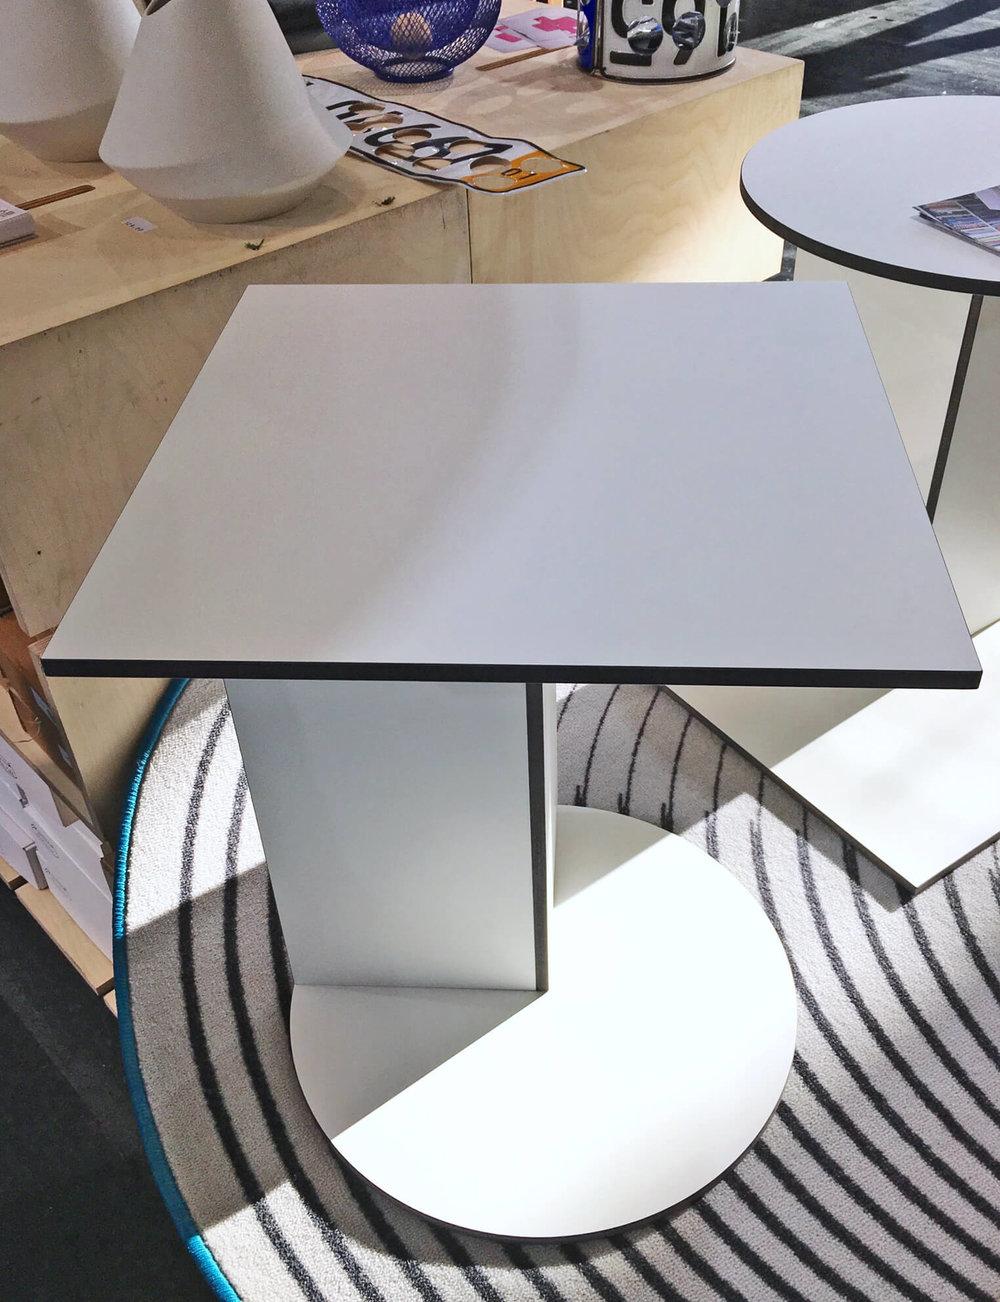 Beistelltisch Rotate, O. Schröder Industrial design